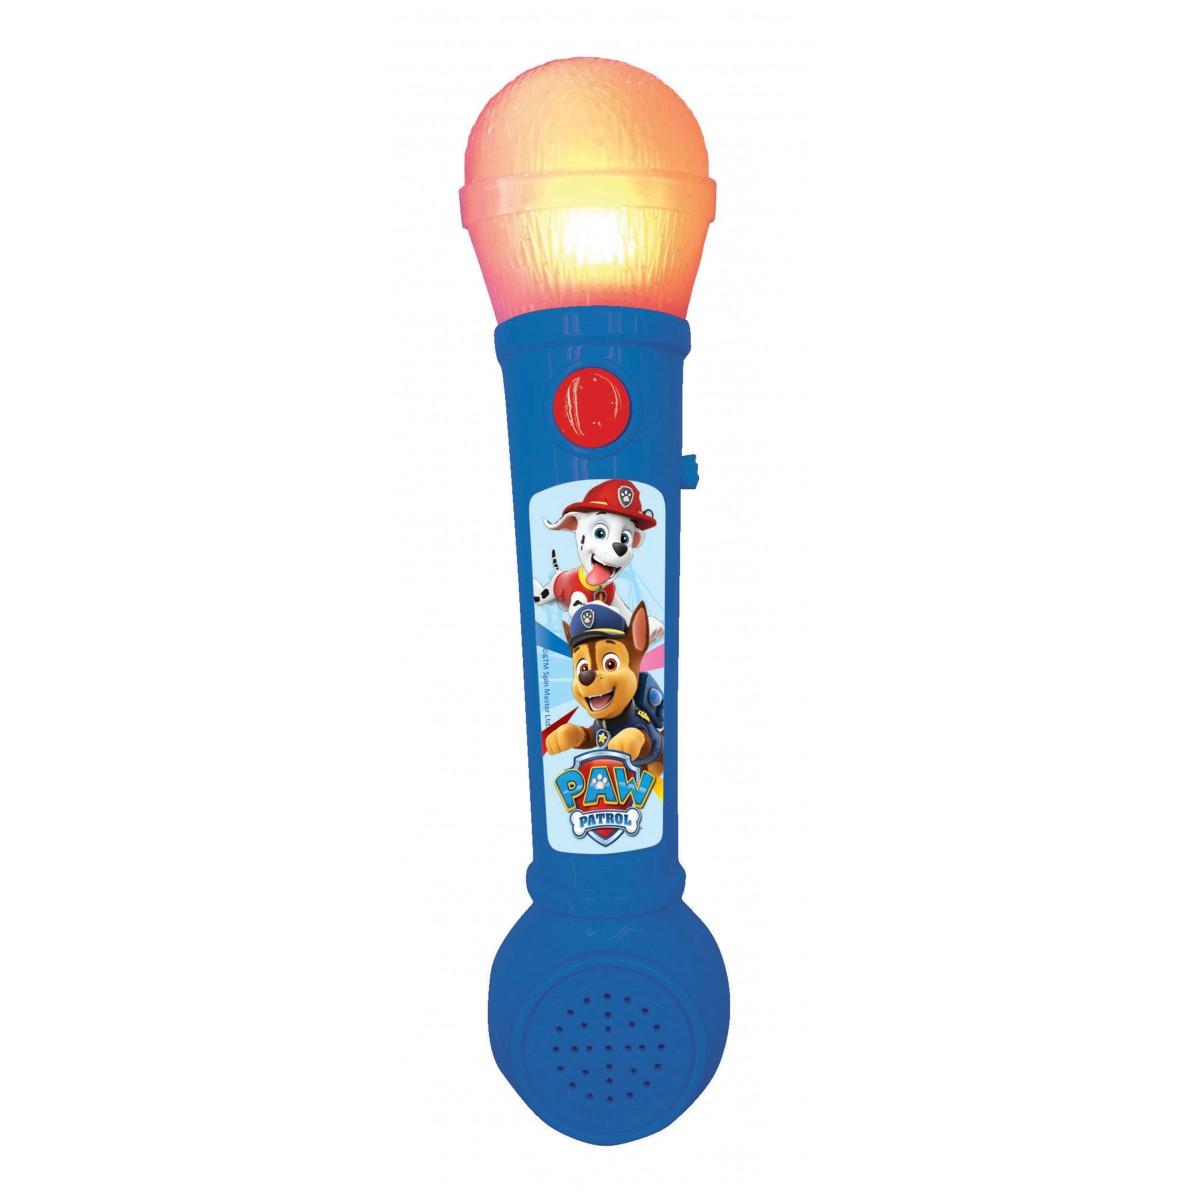 Paw Patrol Microfóno Luminoso para niños